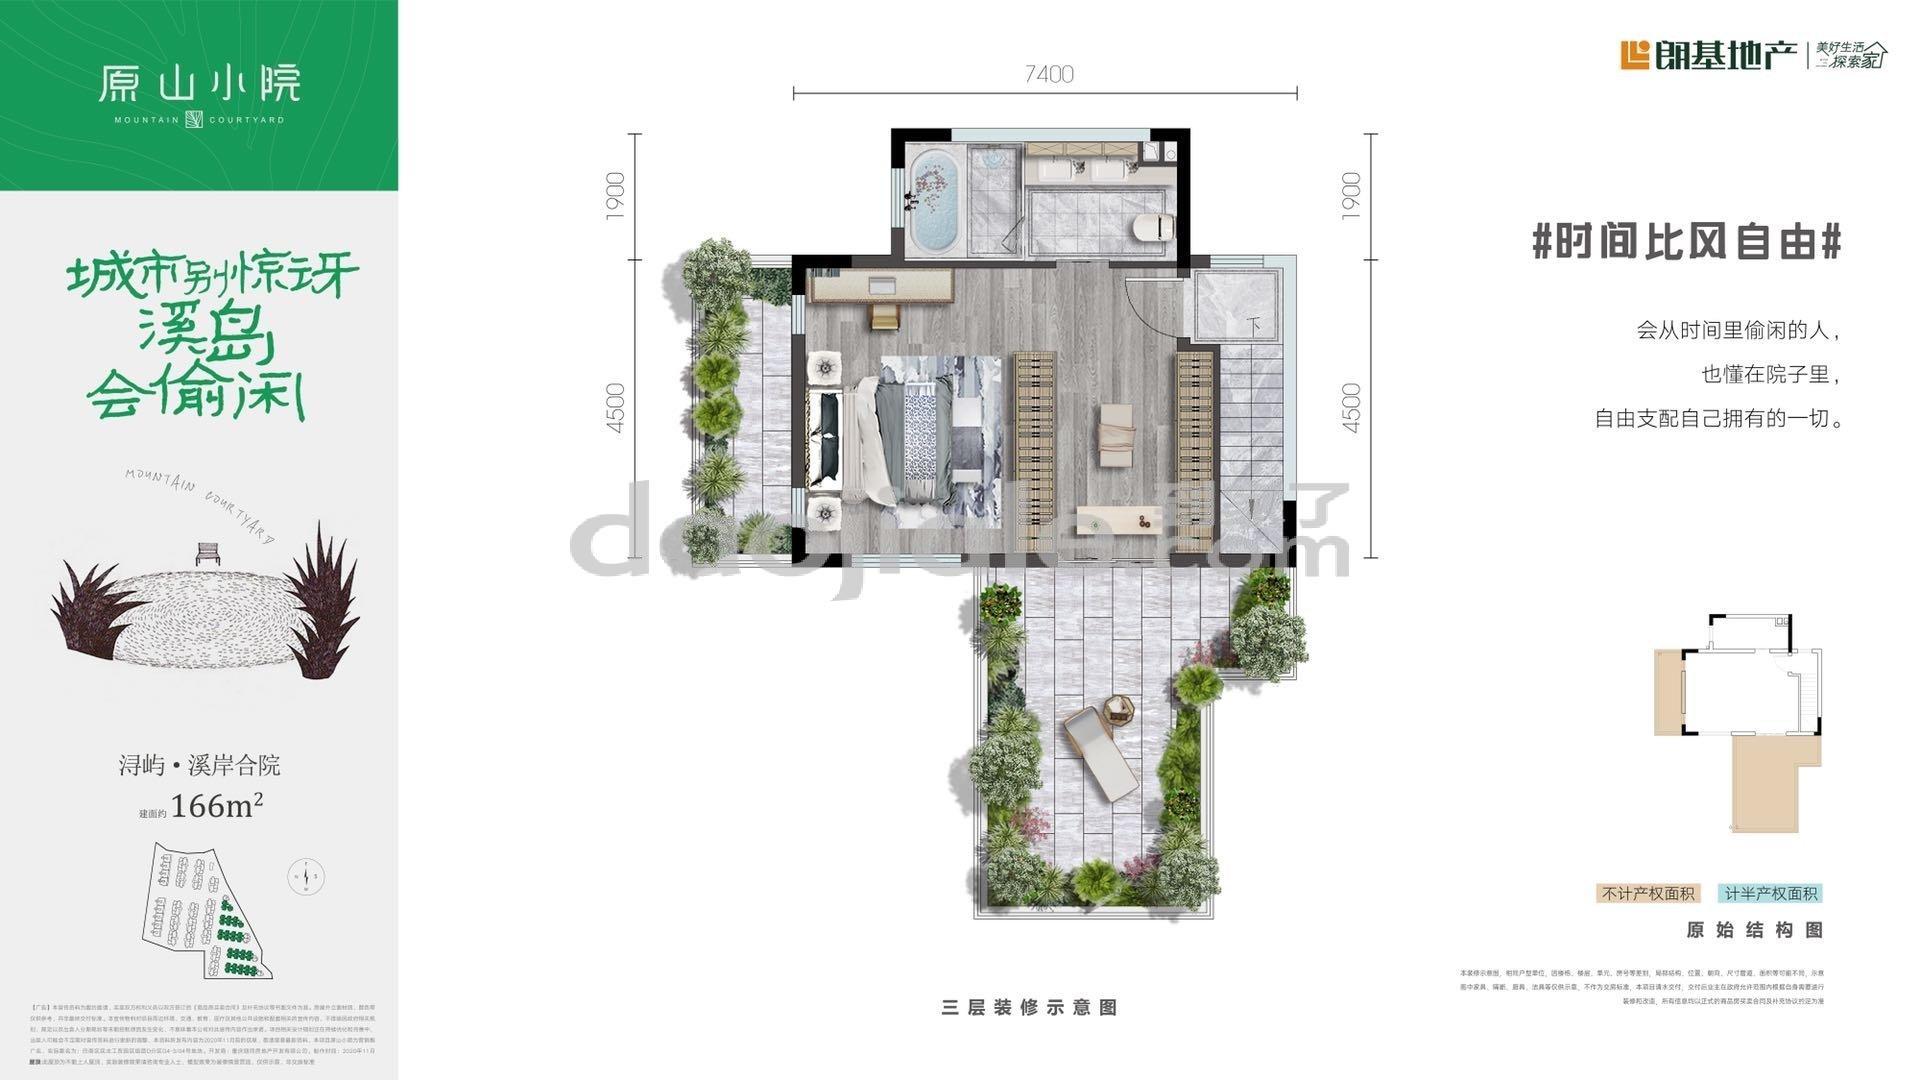 巴南区李家沱远洋原香新房A1户型图